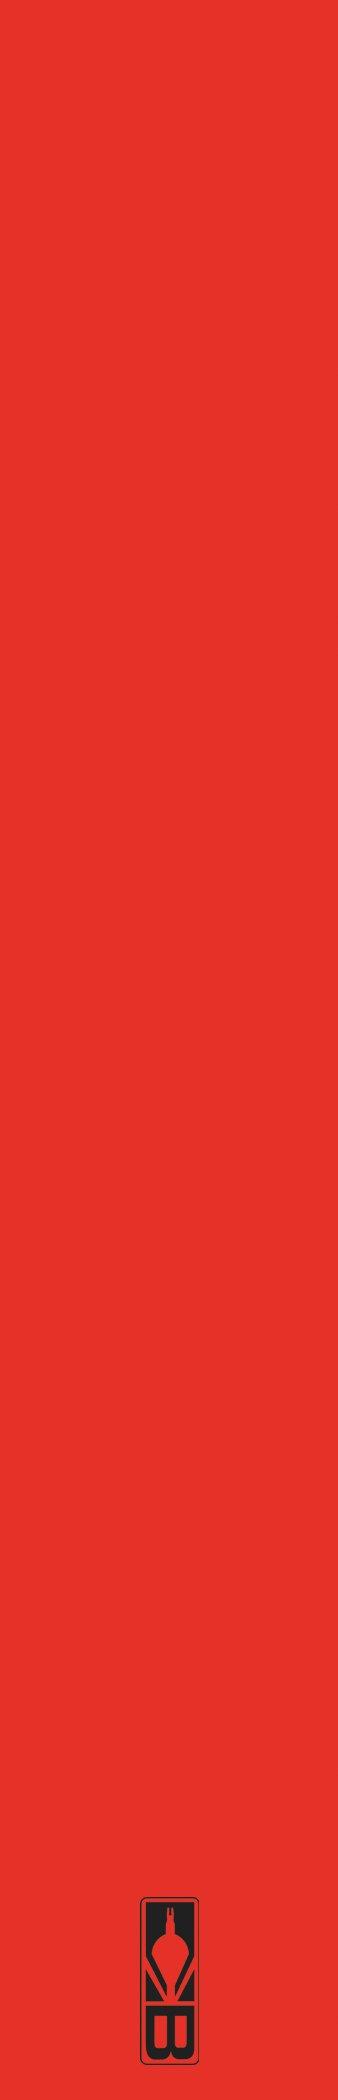 Bohning 7'' Solid Wrap 7'' Neon Red Standard Arrow Wrap, 12pk by Bohning